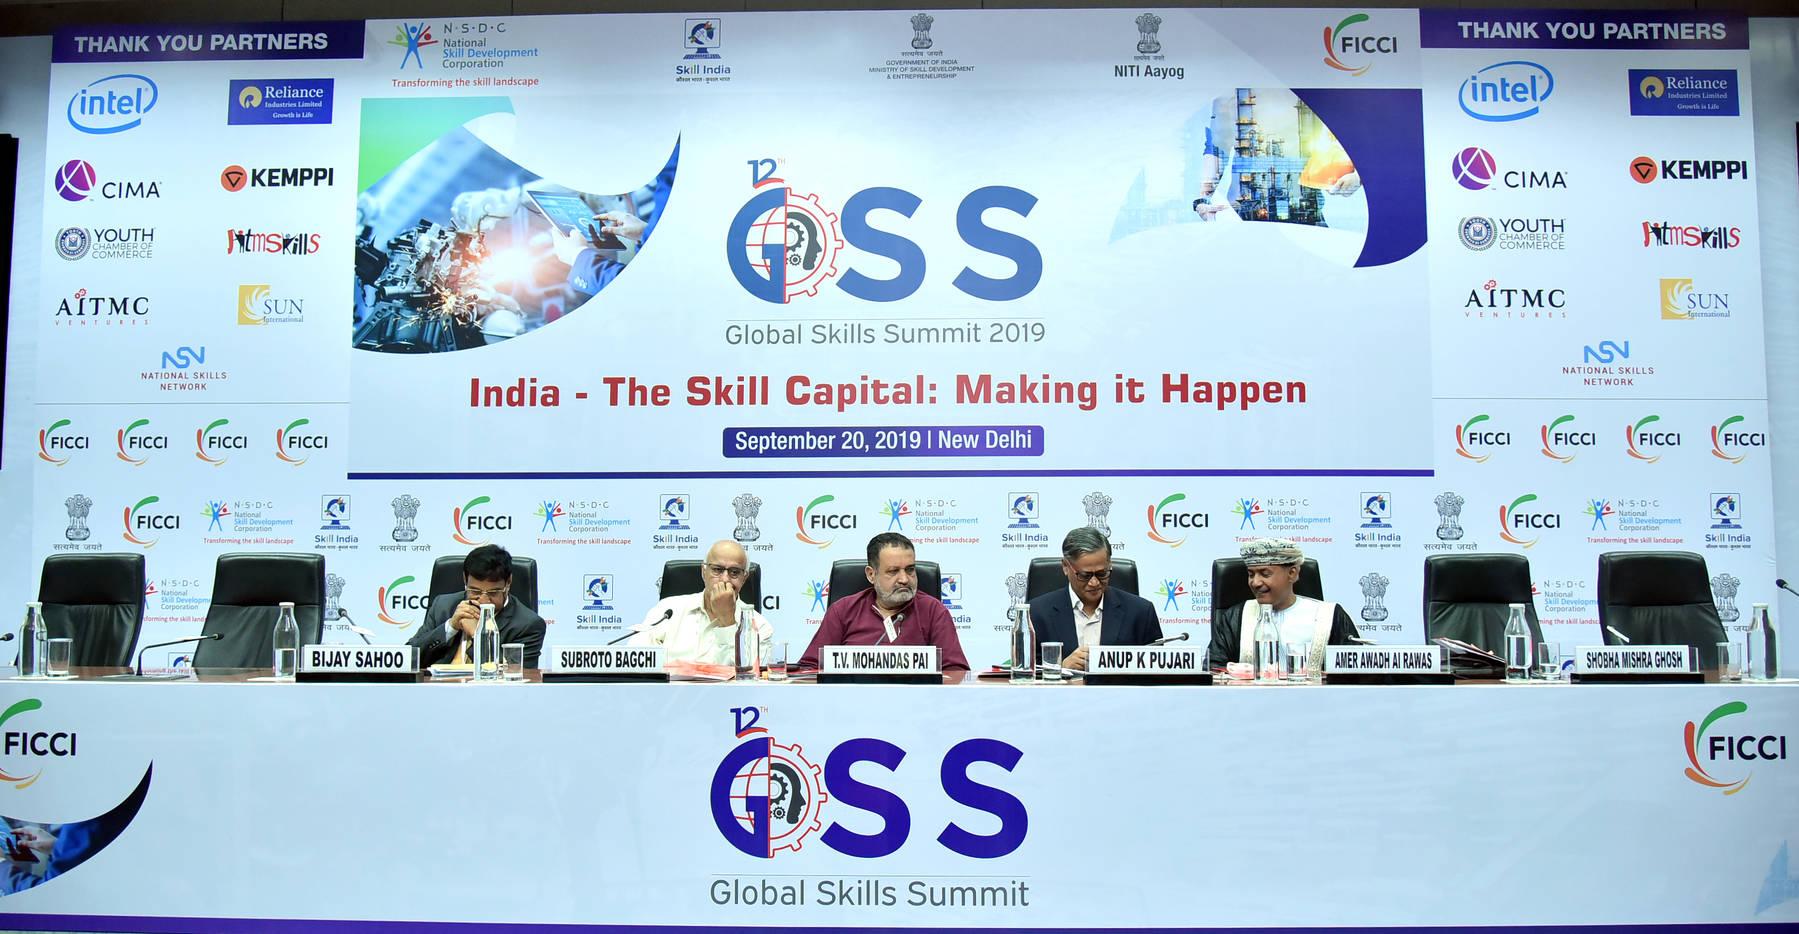 ficci_gss_2019_making_india_skill_capital